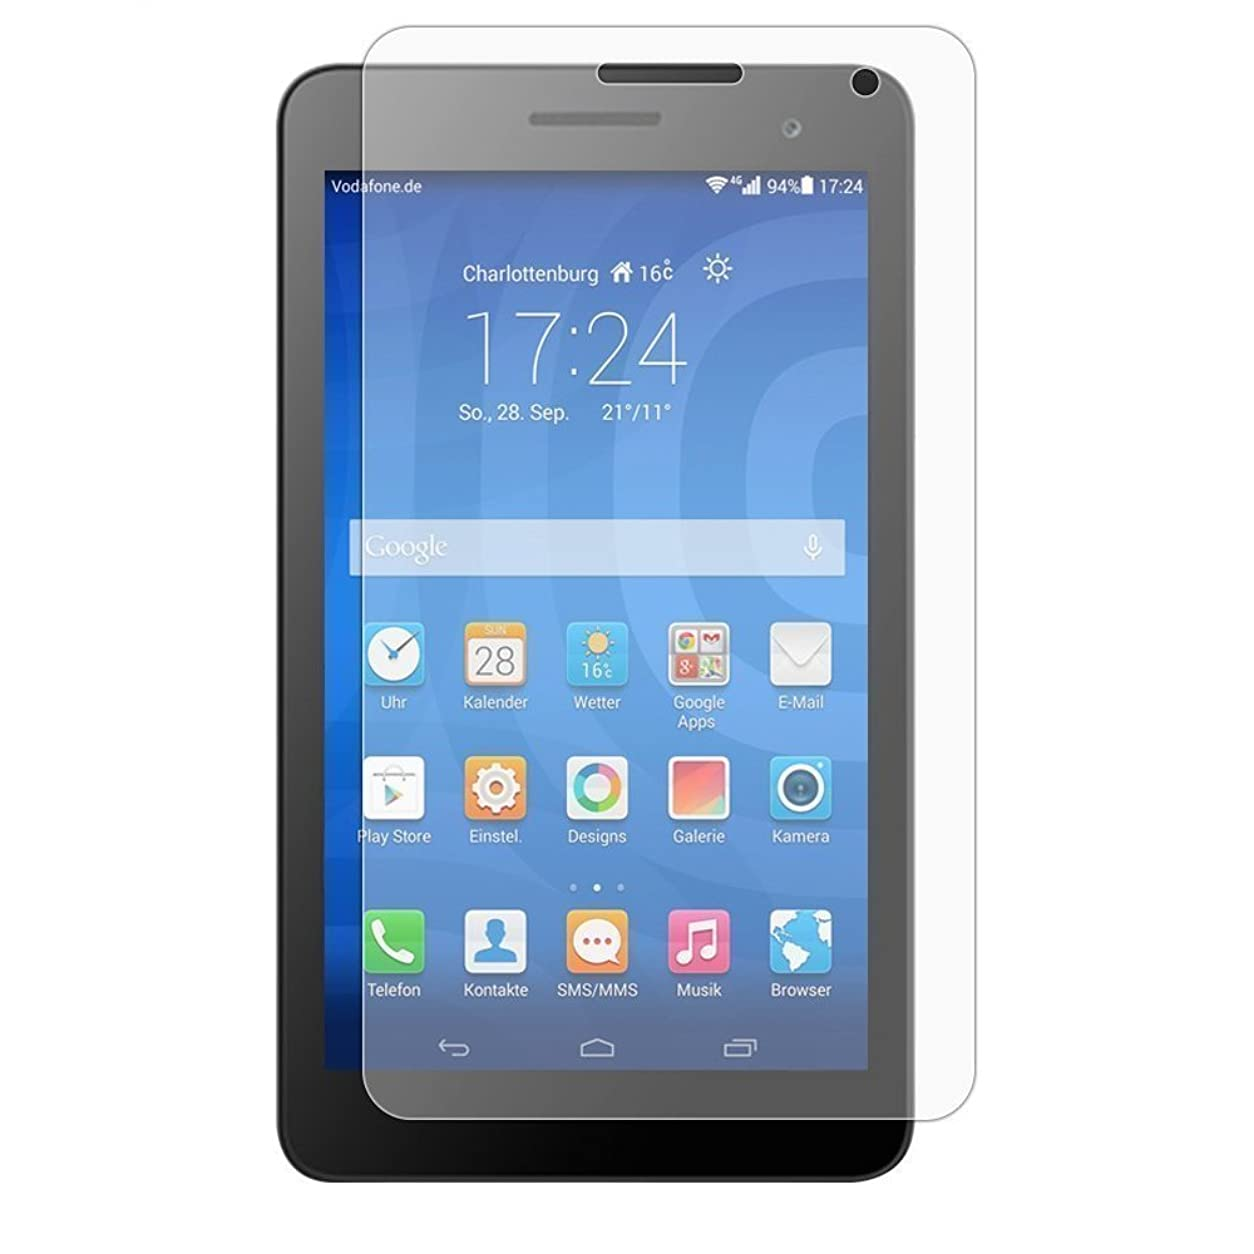 枕けがをする協同Huawei MediaPad T1 7.0 LTE フィルム 画面 保護 T1K 7.0 LTE ファーウェイ 7インチ SIMフリー タブレット T1 対応 自己吸着式 紫外線カット MY WAY SCREEN SHIELD コーティング スクリーンシート クリア